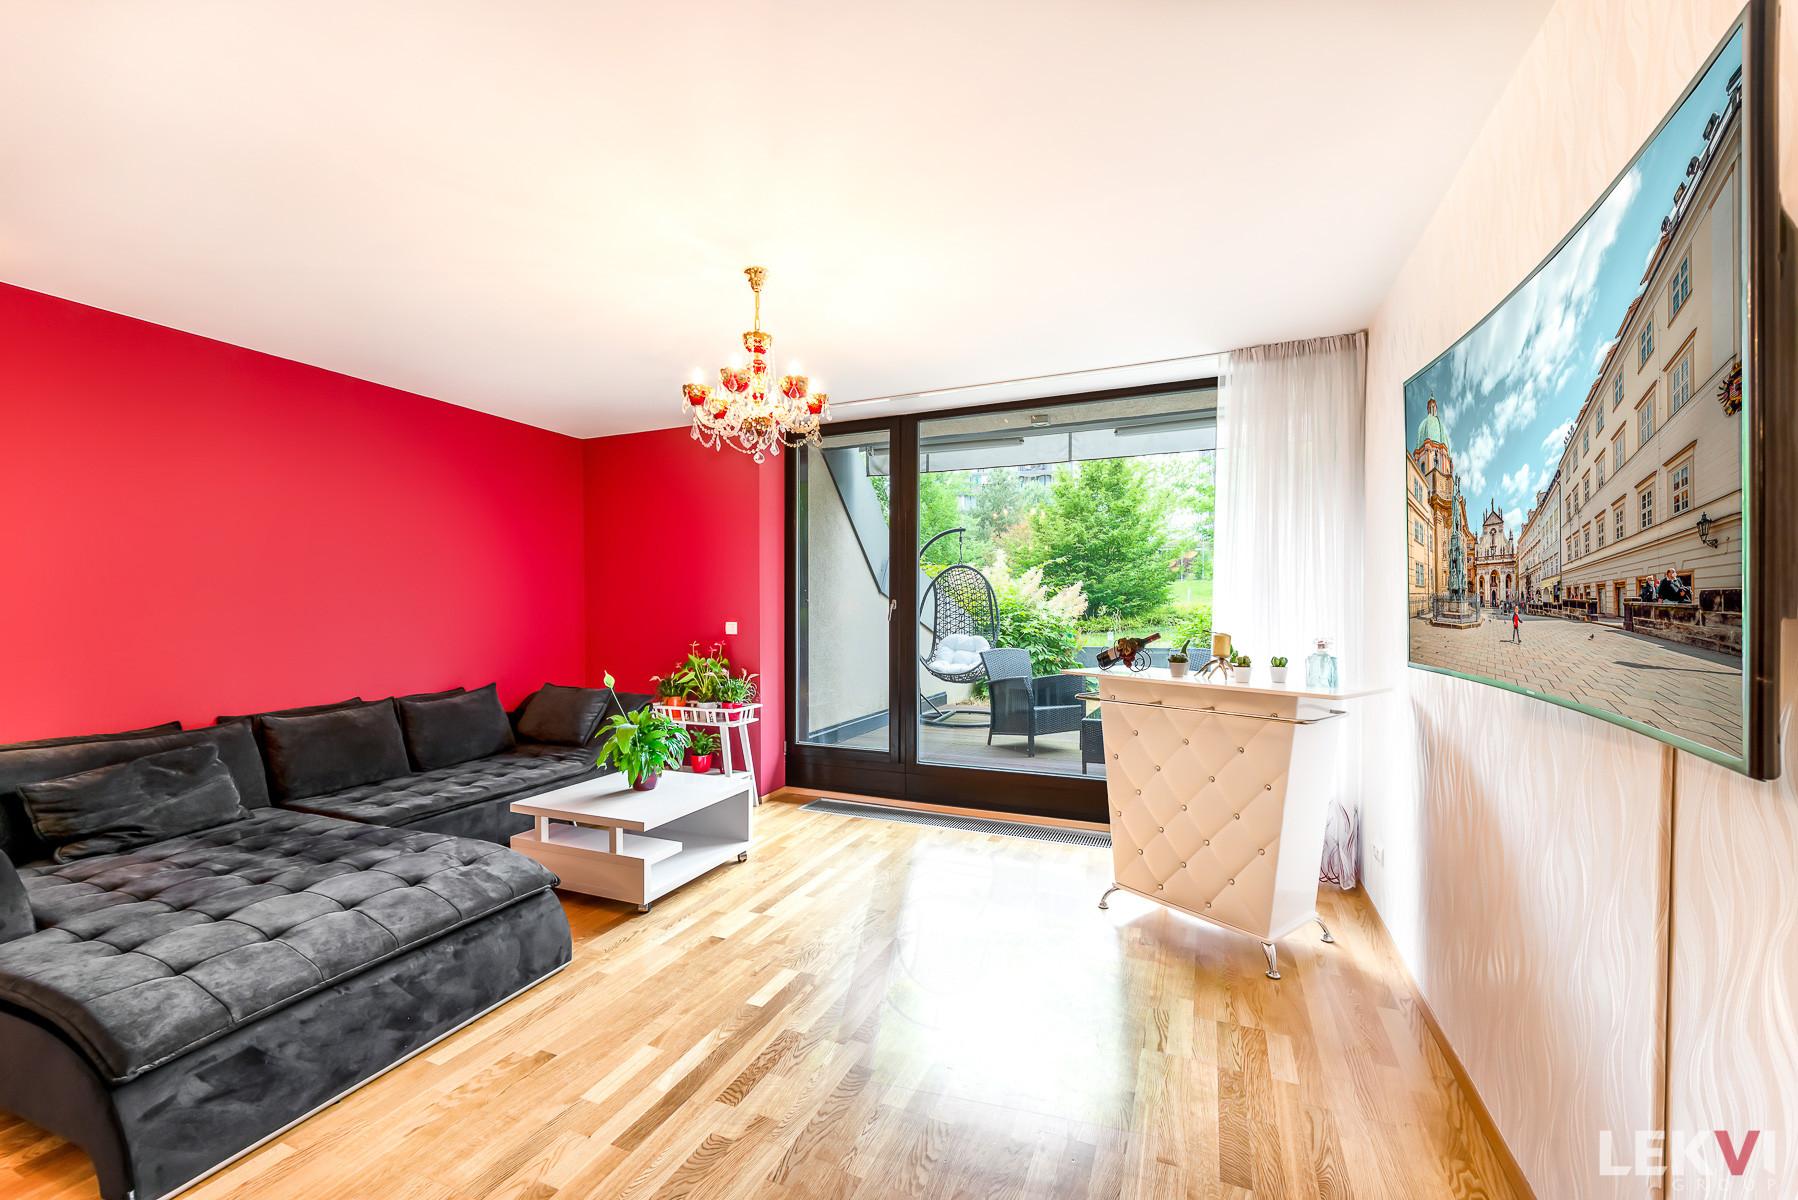 Prodej domu rodinný, 130 m2 - Pitterova, Praha 3